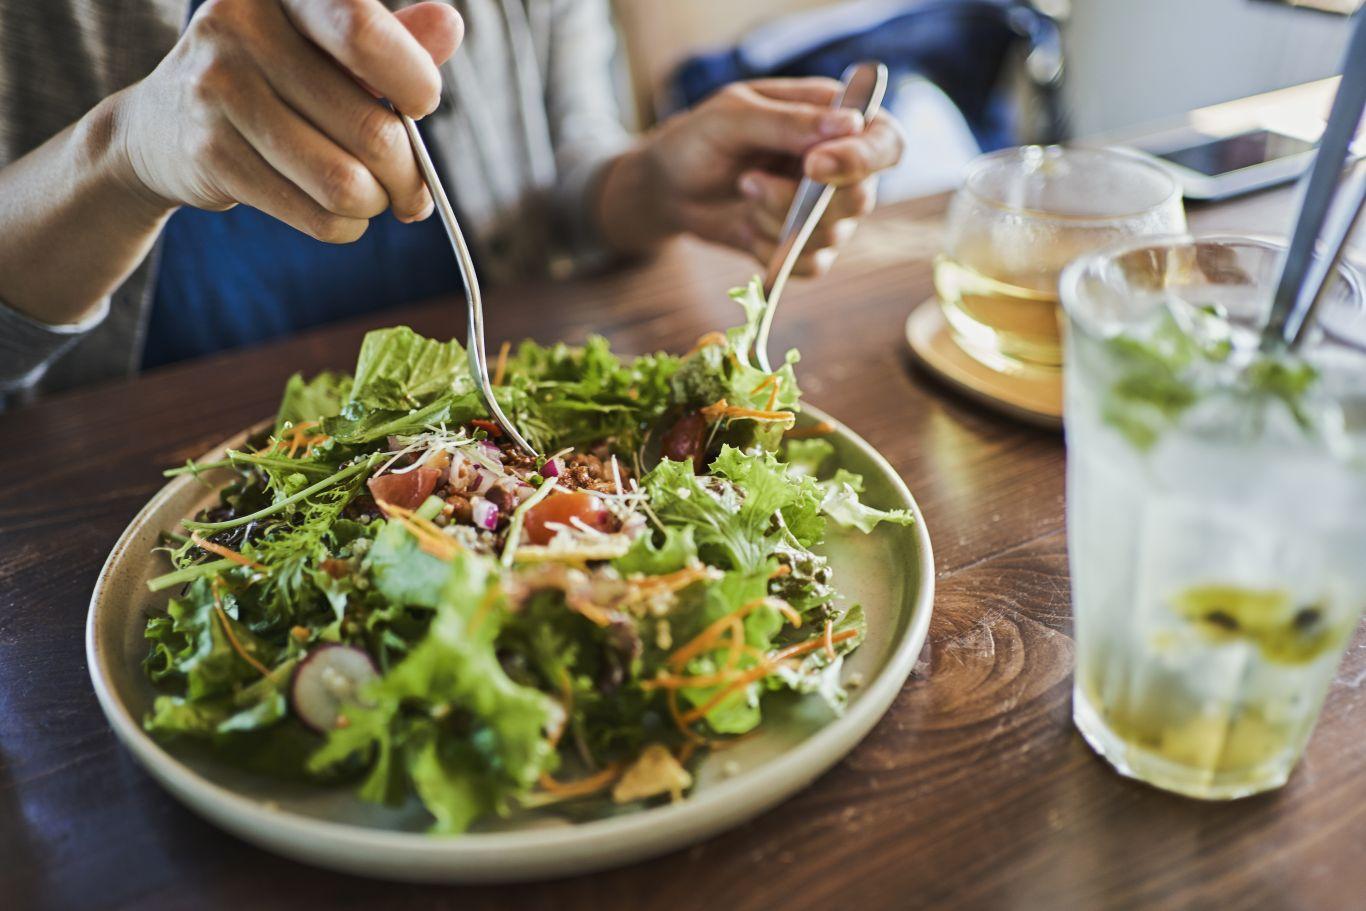 alimentação hábitos saudáveis envelhecimento